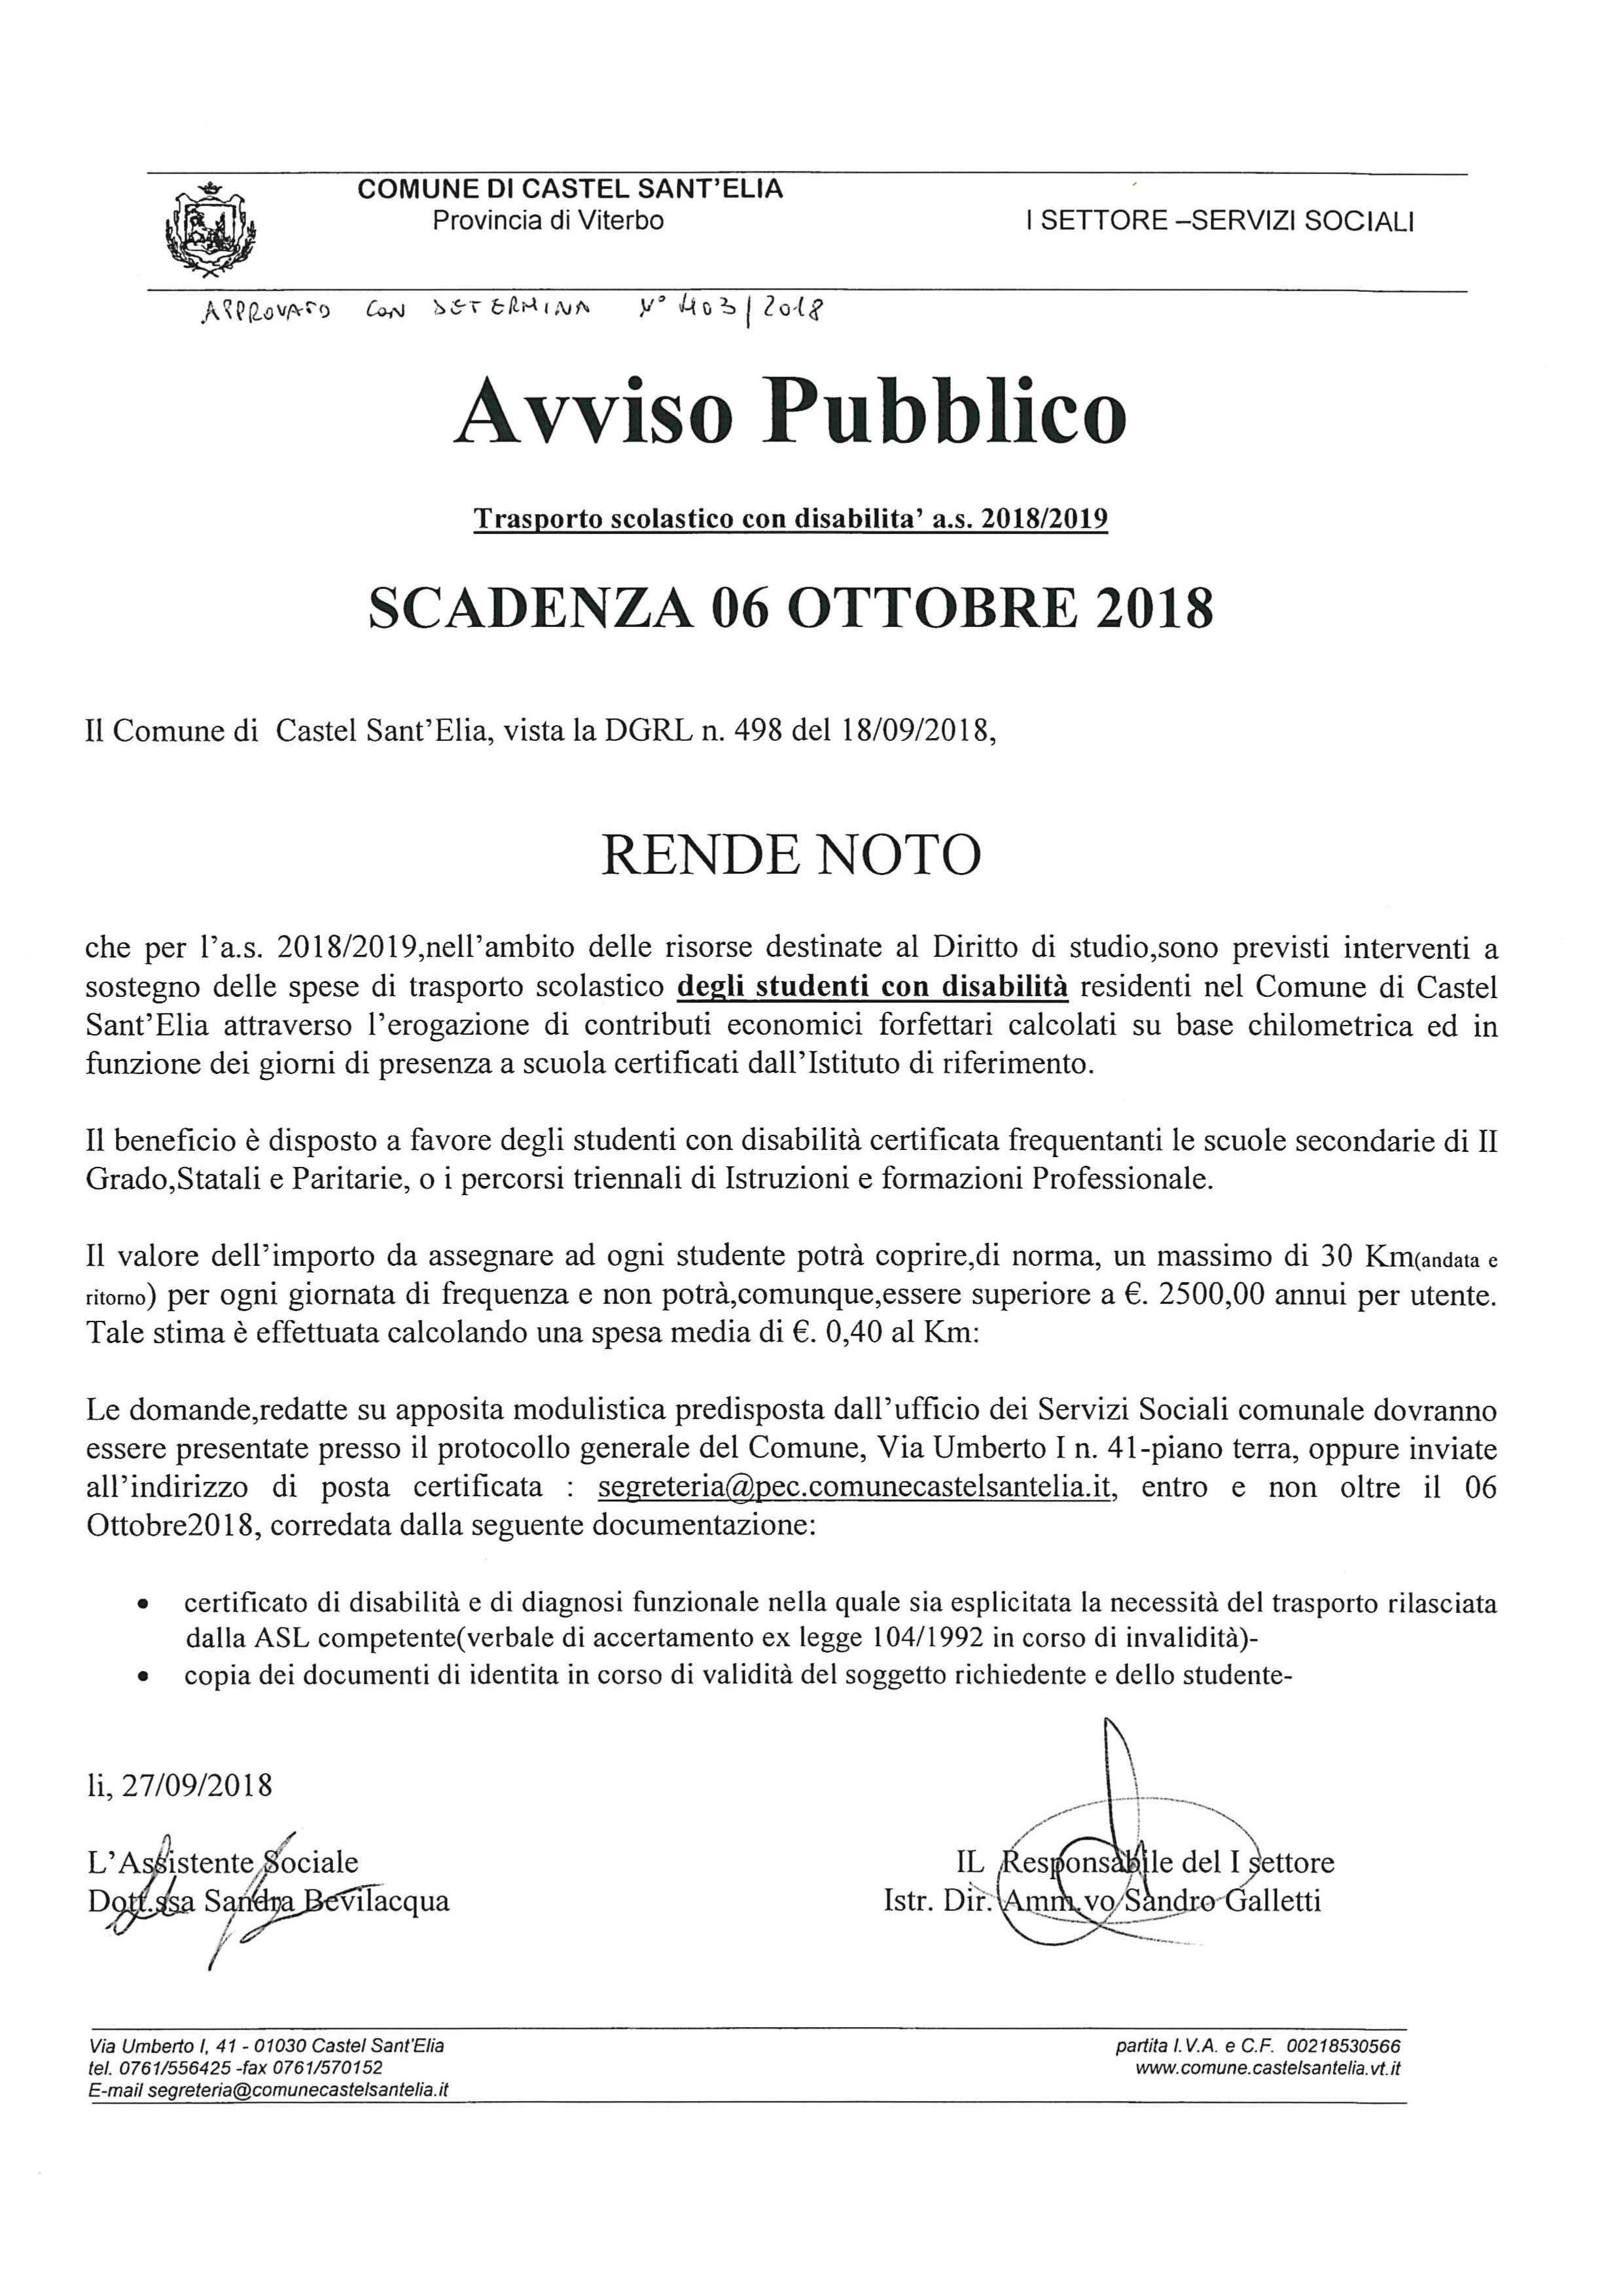 AVVISO TRASPORTO SCOLASTICO DISABILI